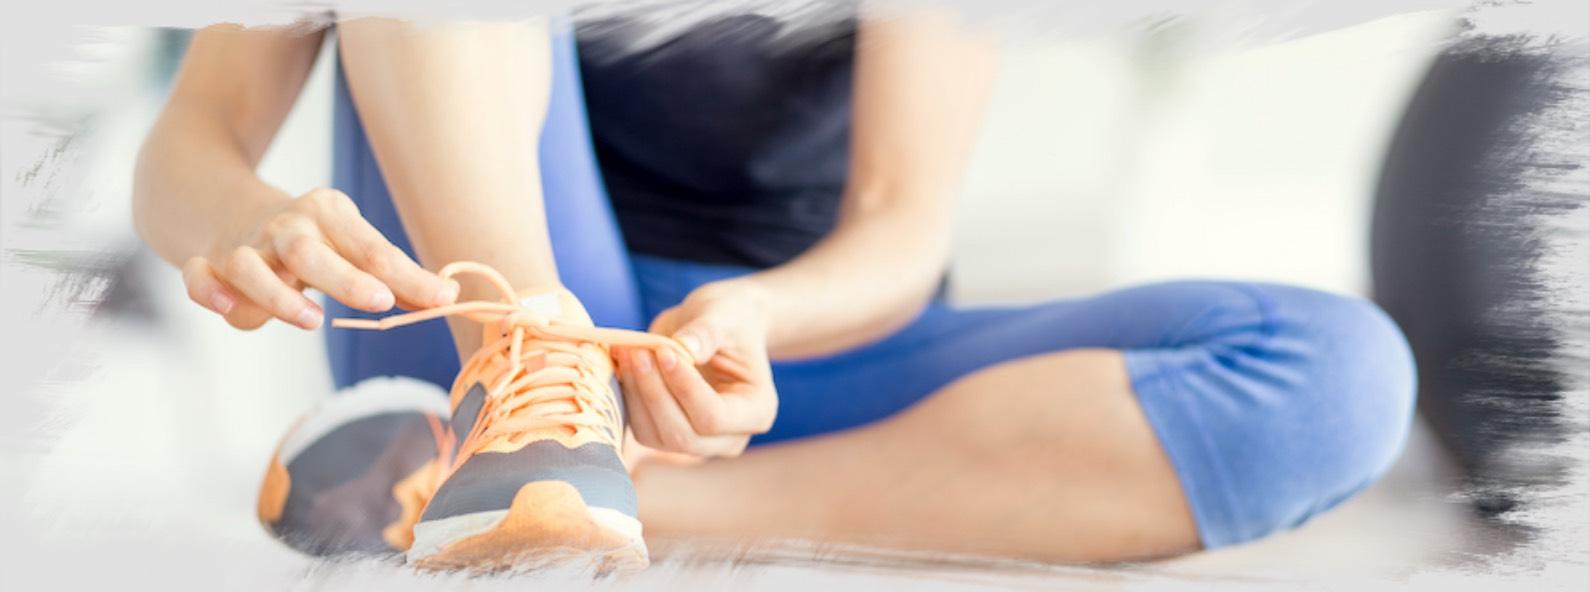 comment-faire-du-sport-a-maison-gratuit-fitness-application-video-marie-de-paris